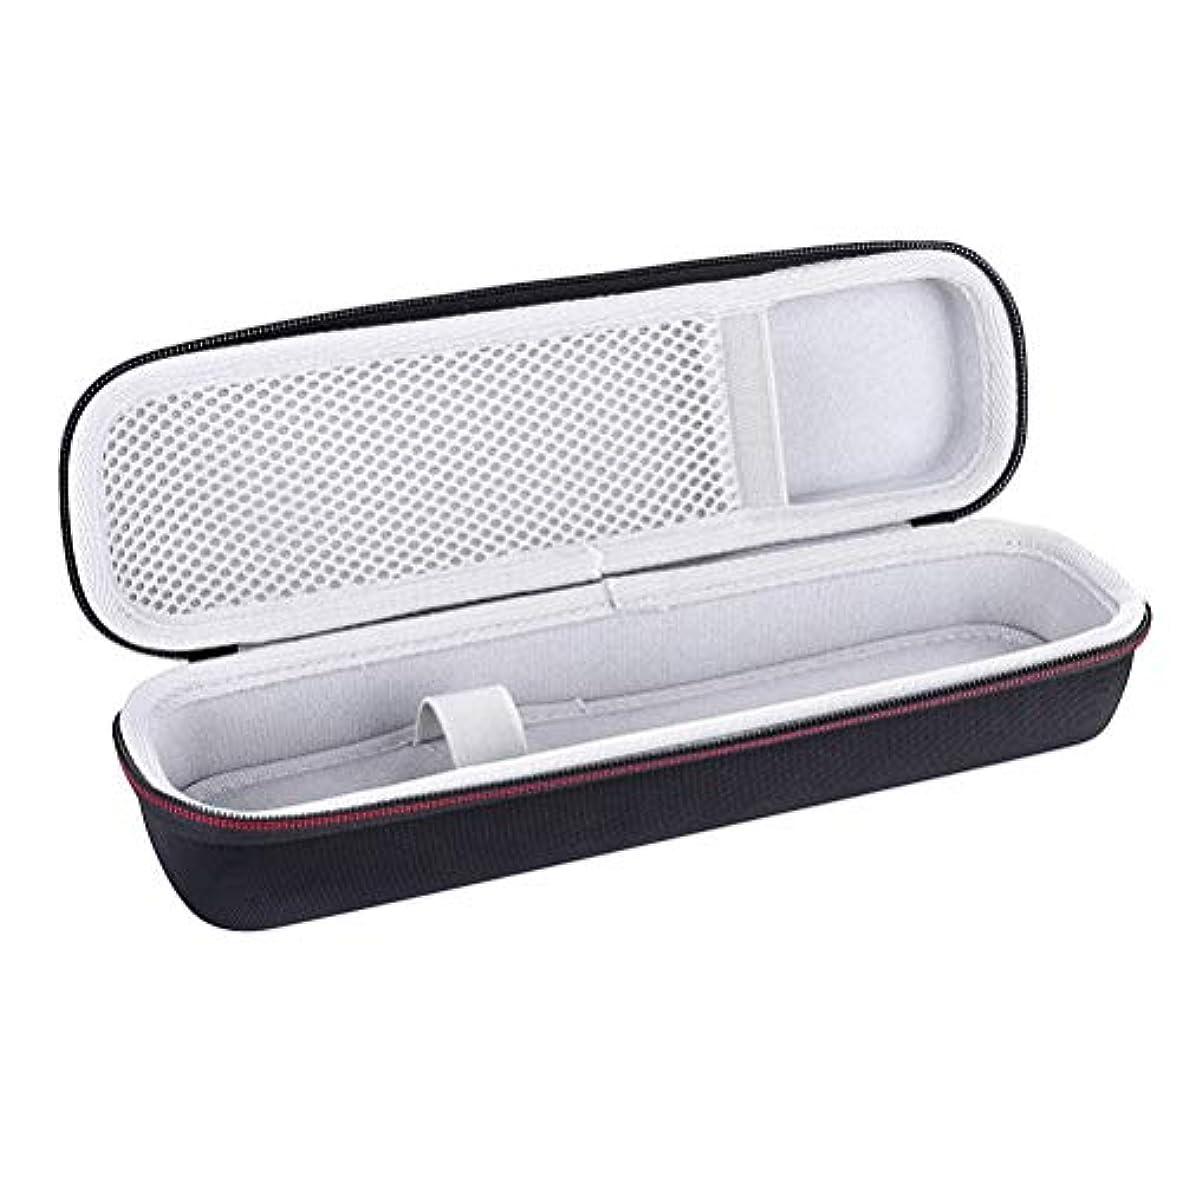 誤ファイアル加速度Healifty 電動歯ブラシケースポータブル圧縮抵抗保護歯ブラシ収納ケース屋外旅行用